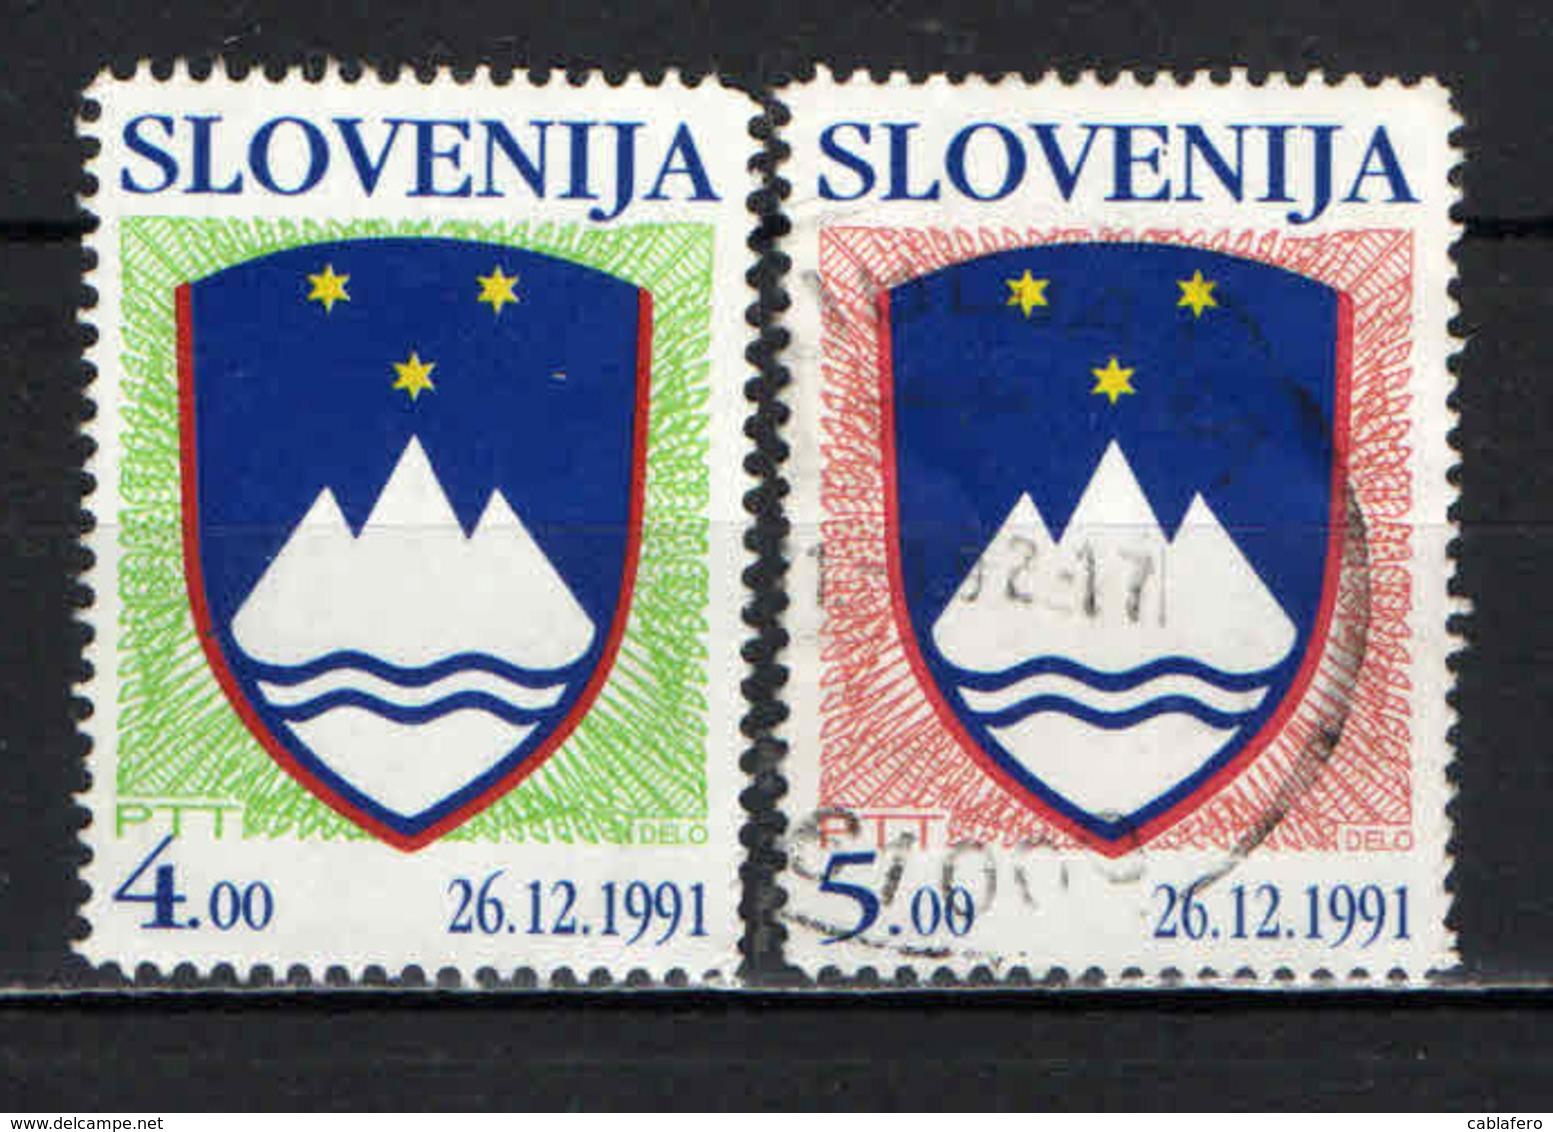 SLOVENIA - 1993 - STEMMA NAZIONALE - USATI - Slovenia